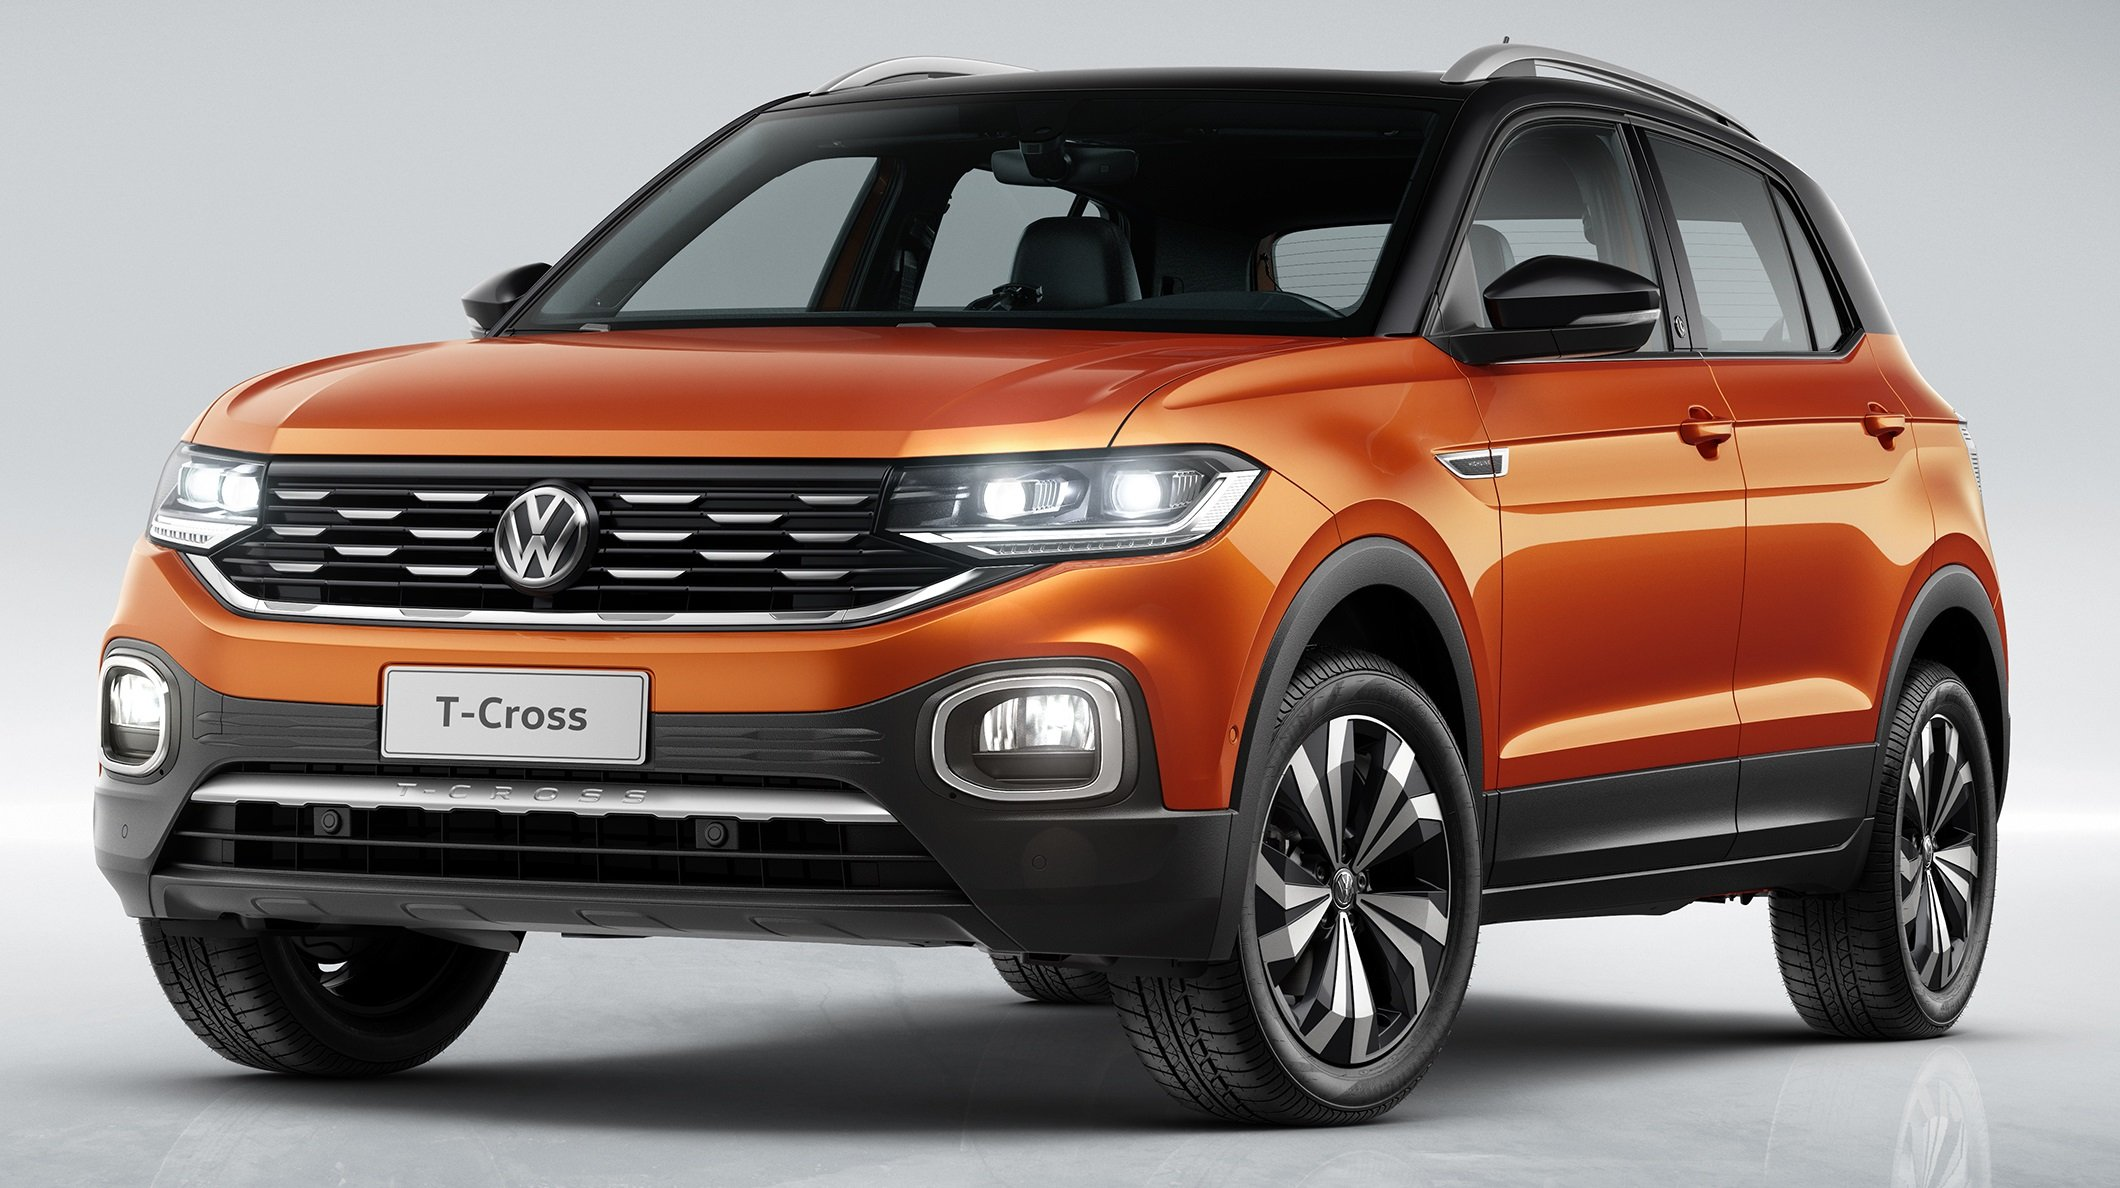 Volkswagen exibe lançamentos para todos os gostos no Salão do Automóvel de 2018